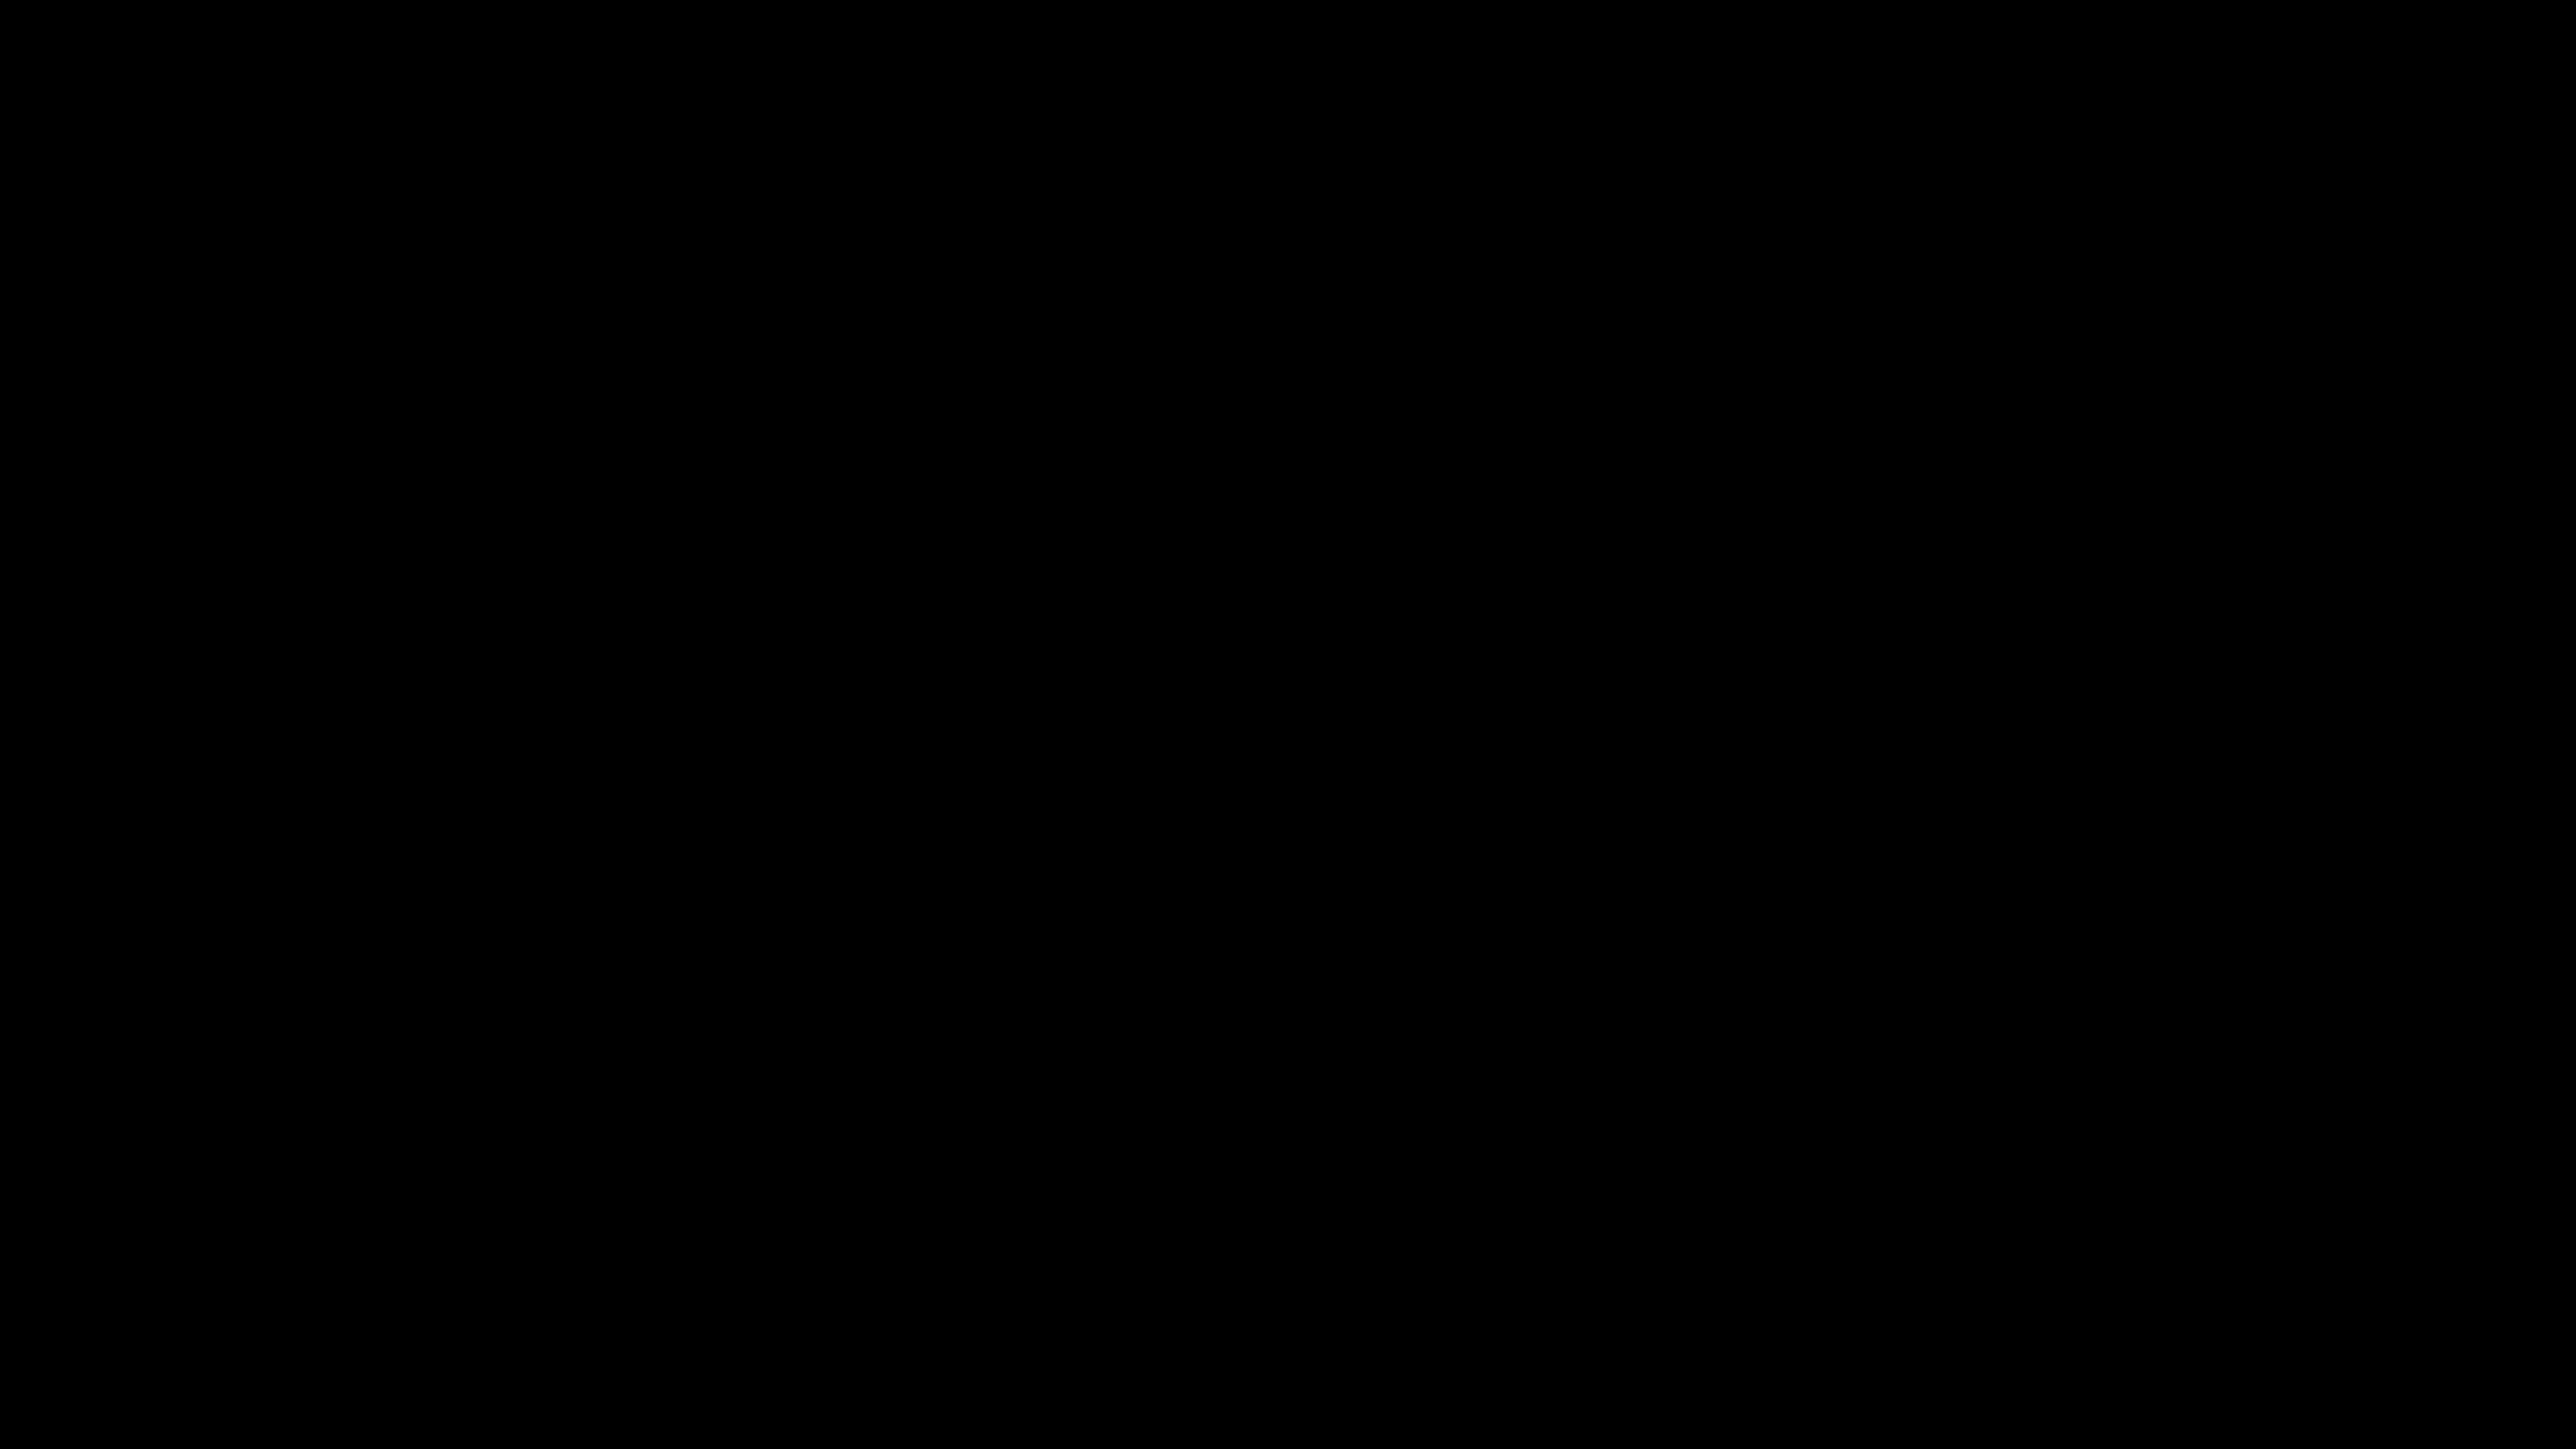 Сони анонсировала лимитированную красную версию PS4 сЧеловеком-Пауком